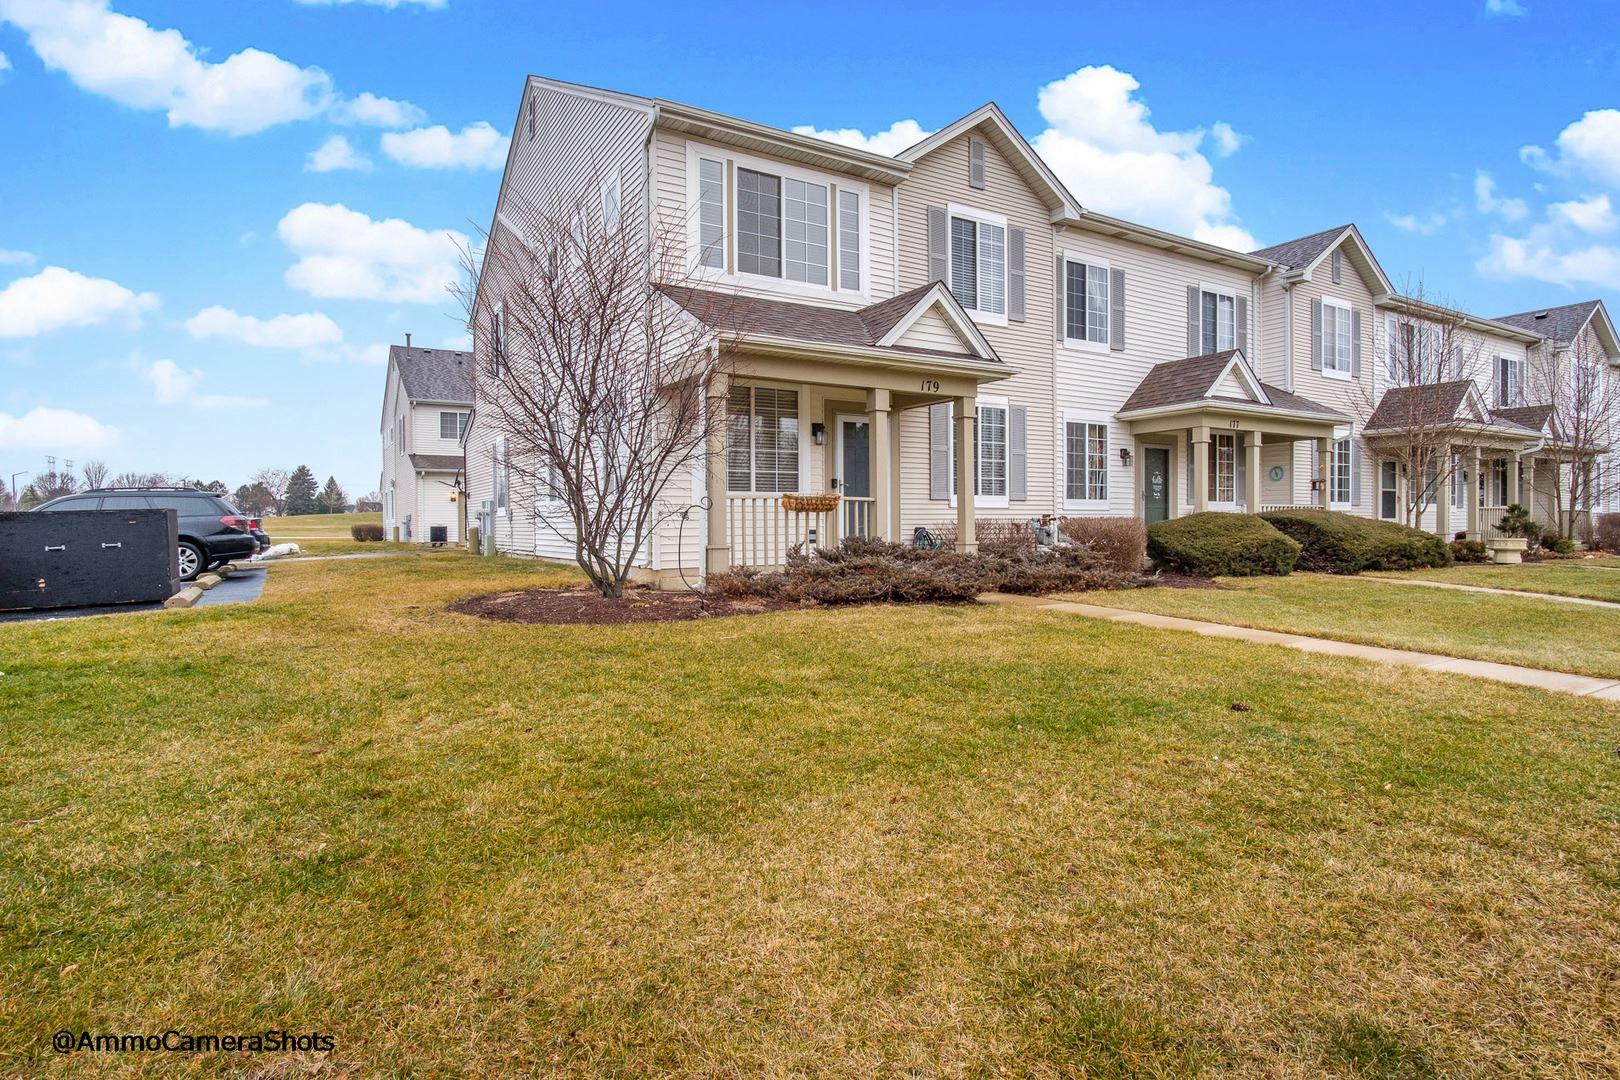 Photo of 179 Azalea Circle #179, Romeoville, IL 60446 (MLS # 10975789)